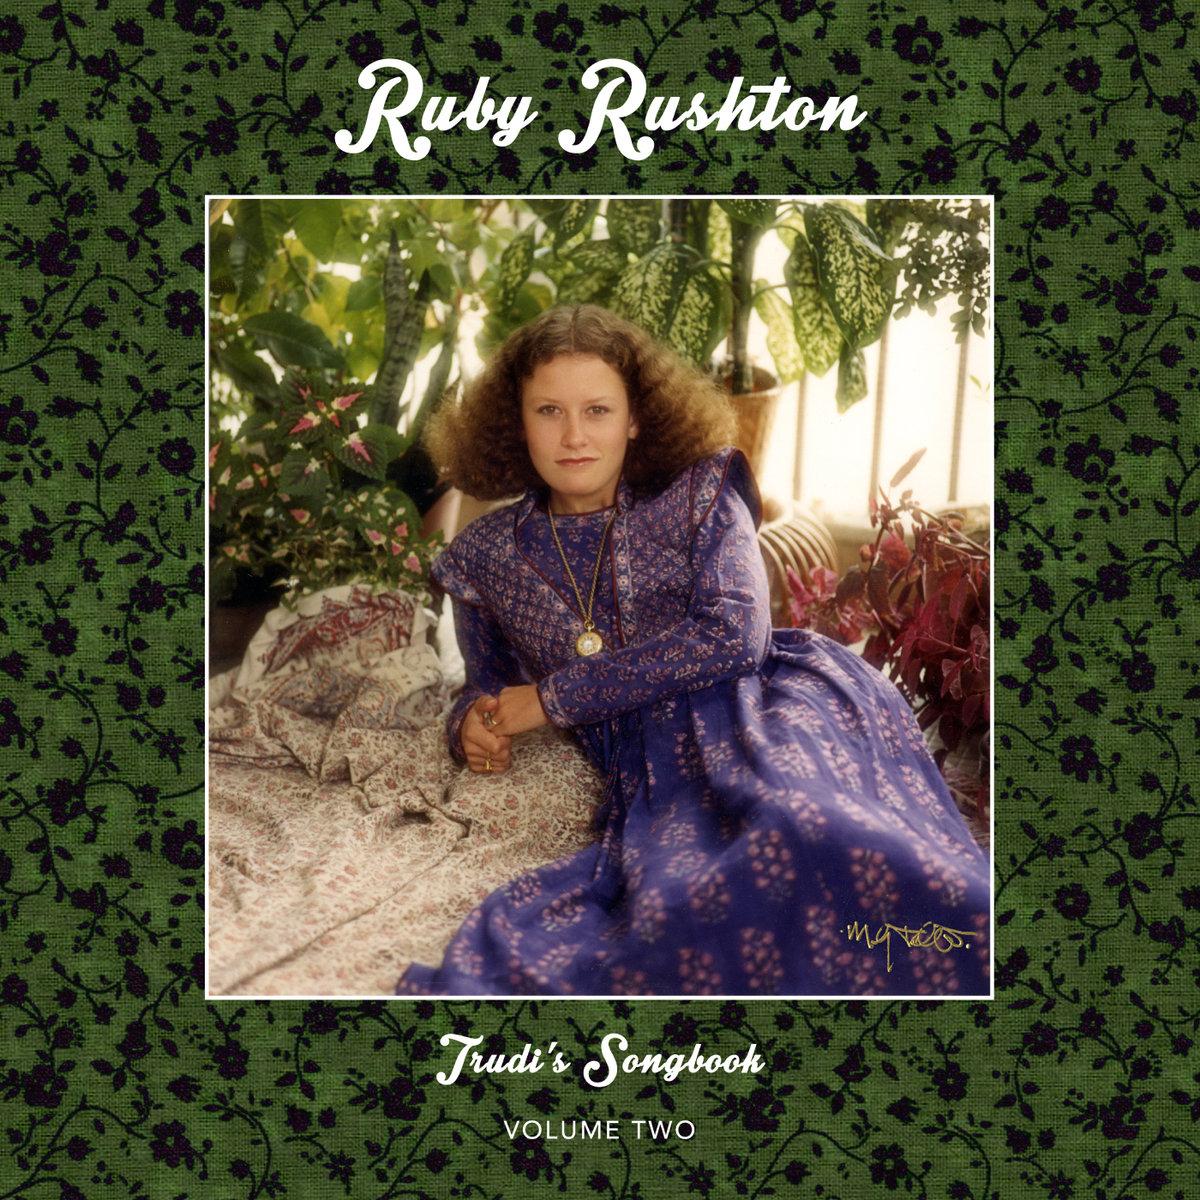 Ruby Rushton – Trudi's Songbook volume2